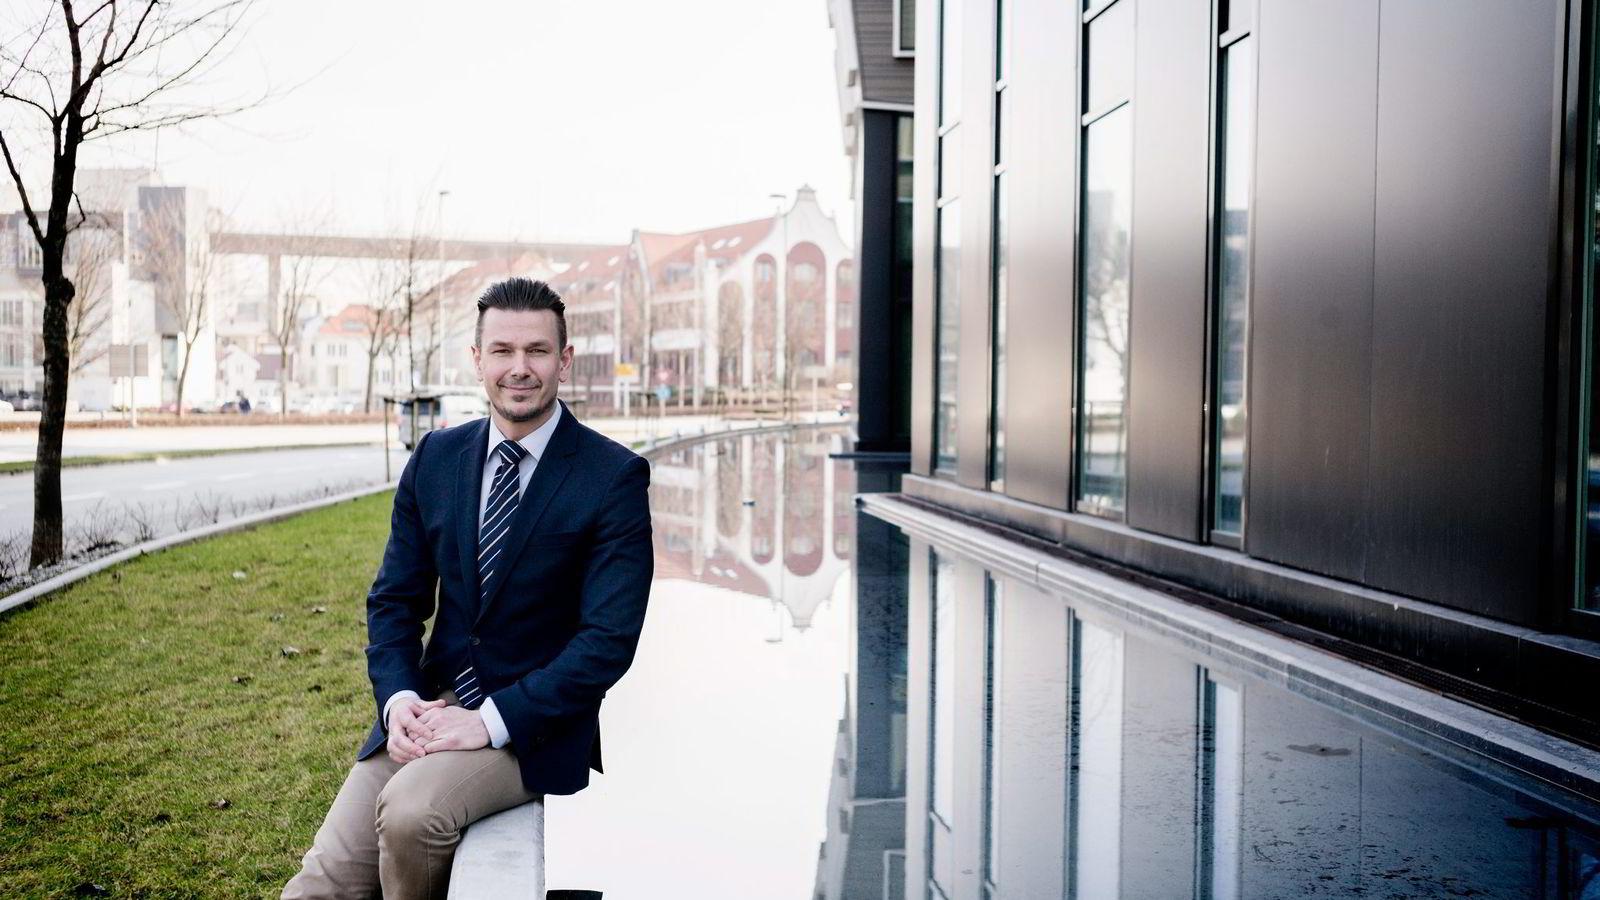 Hotelldirektør Odd Petter Meinseth ved Scandic Stavanger City sier det er tøft å få markedet «rett i fleisen».